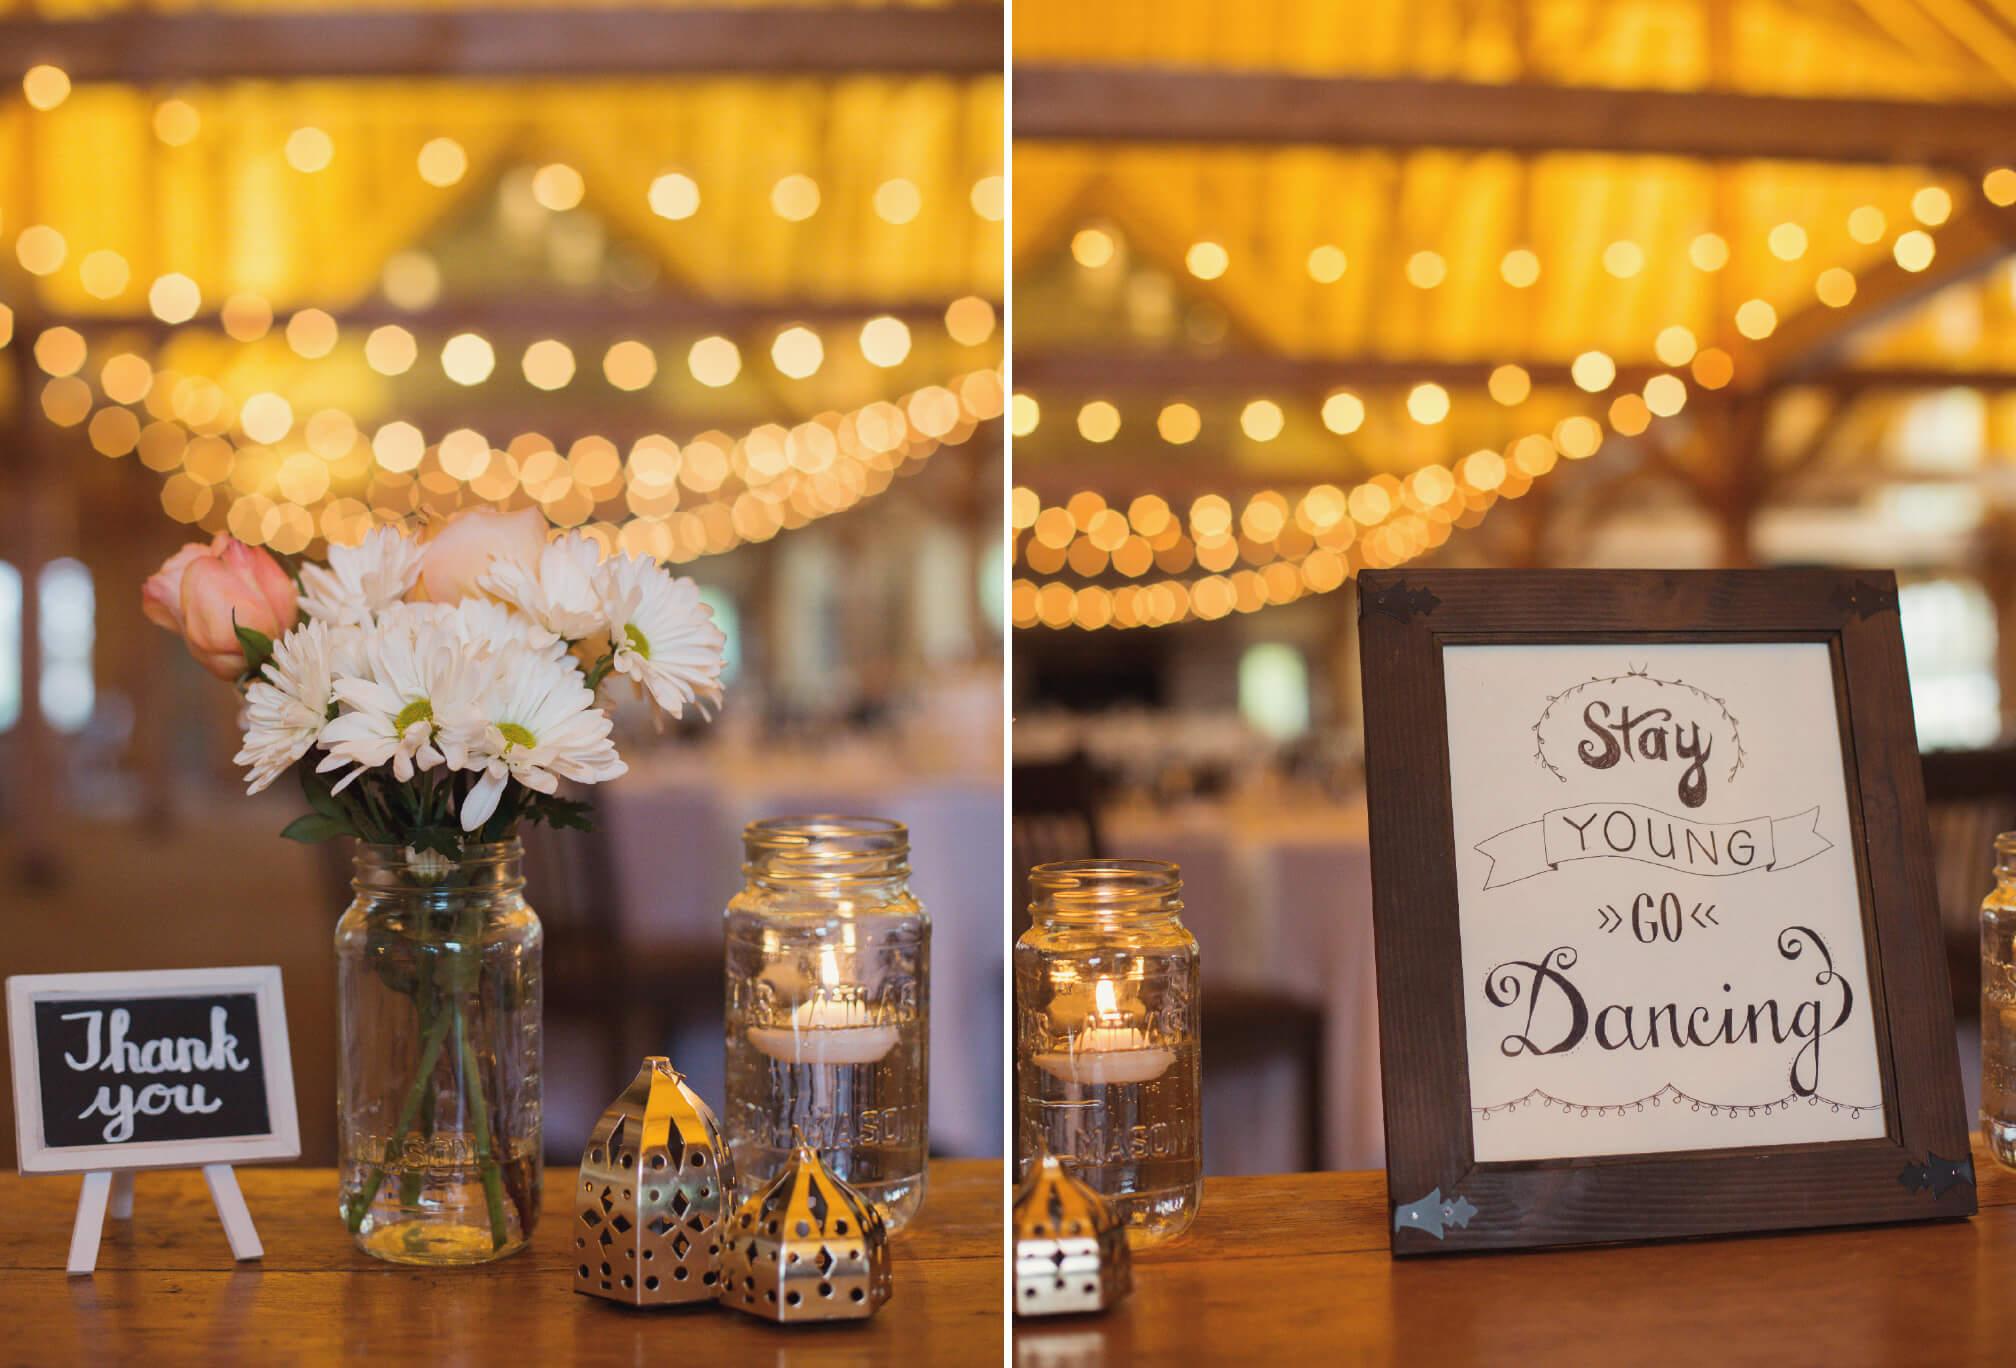 craigleith wedding decor